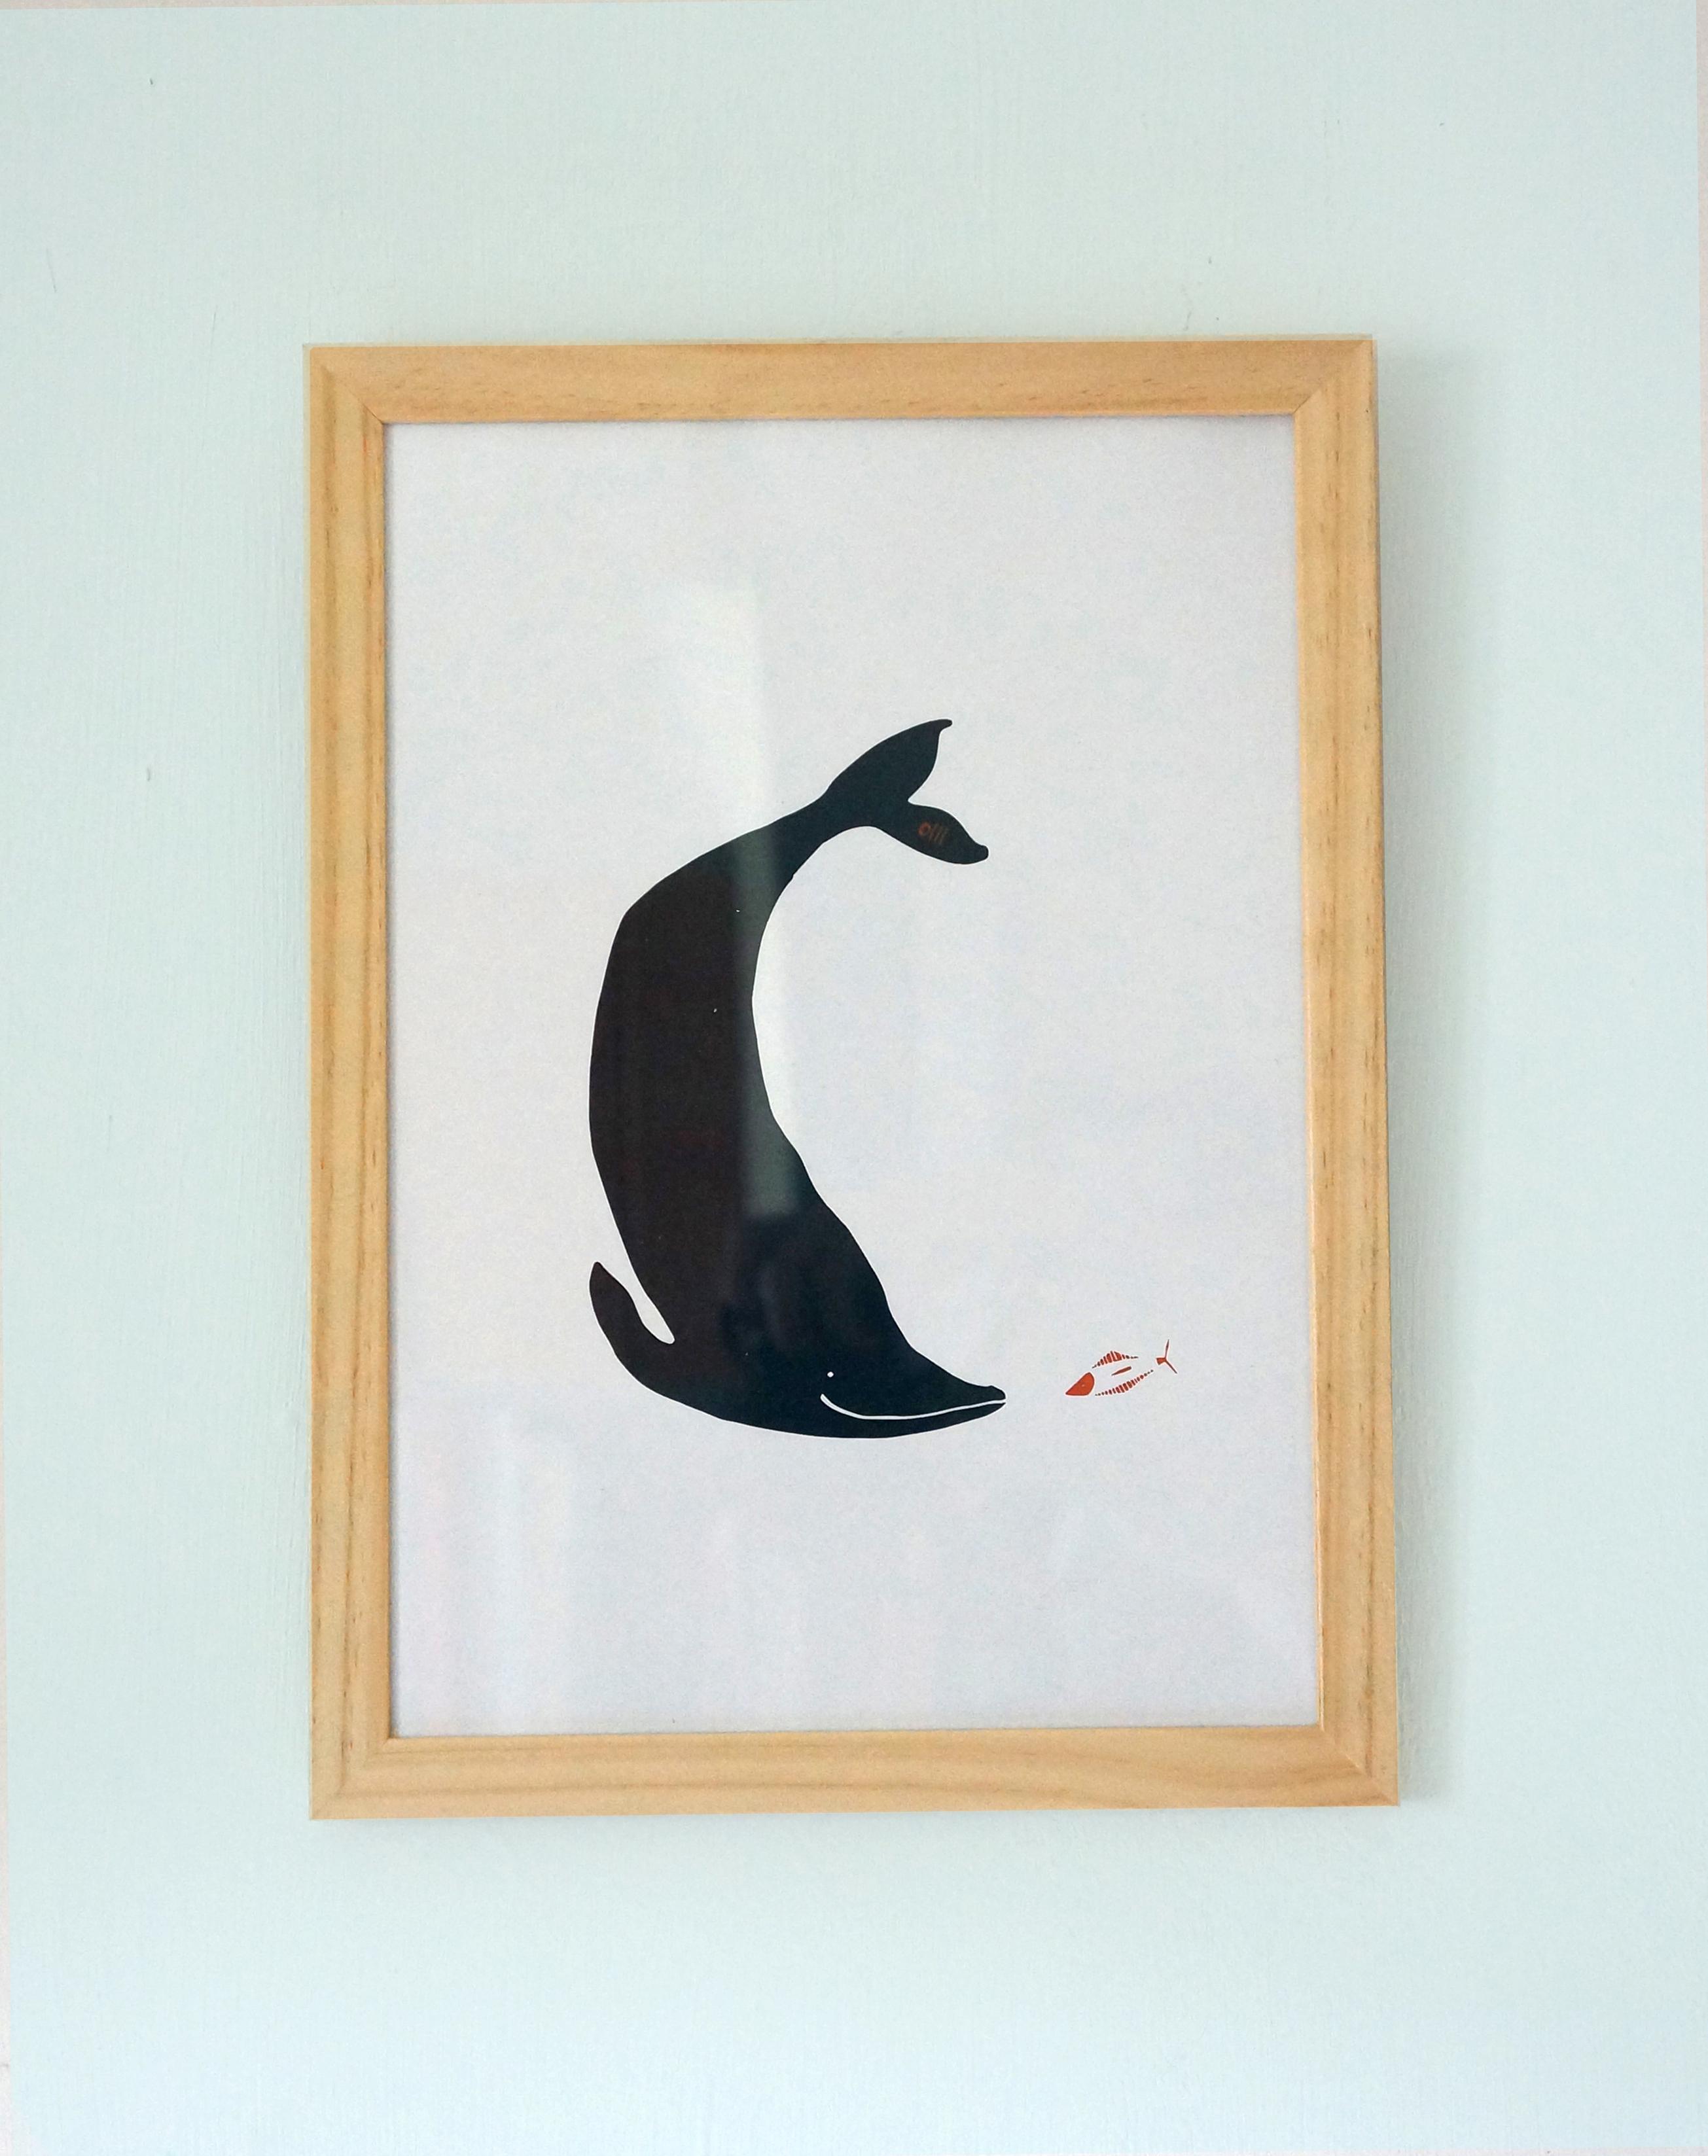 A4 Friendly whale